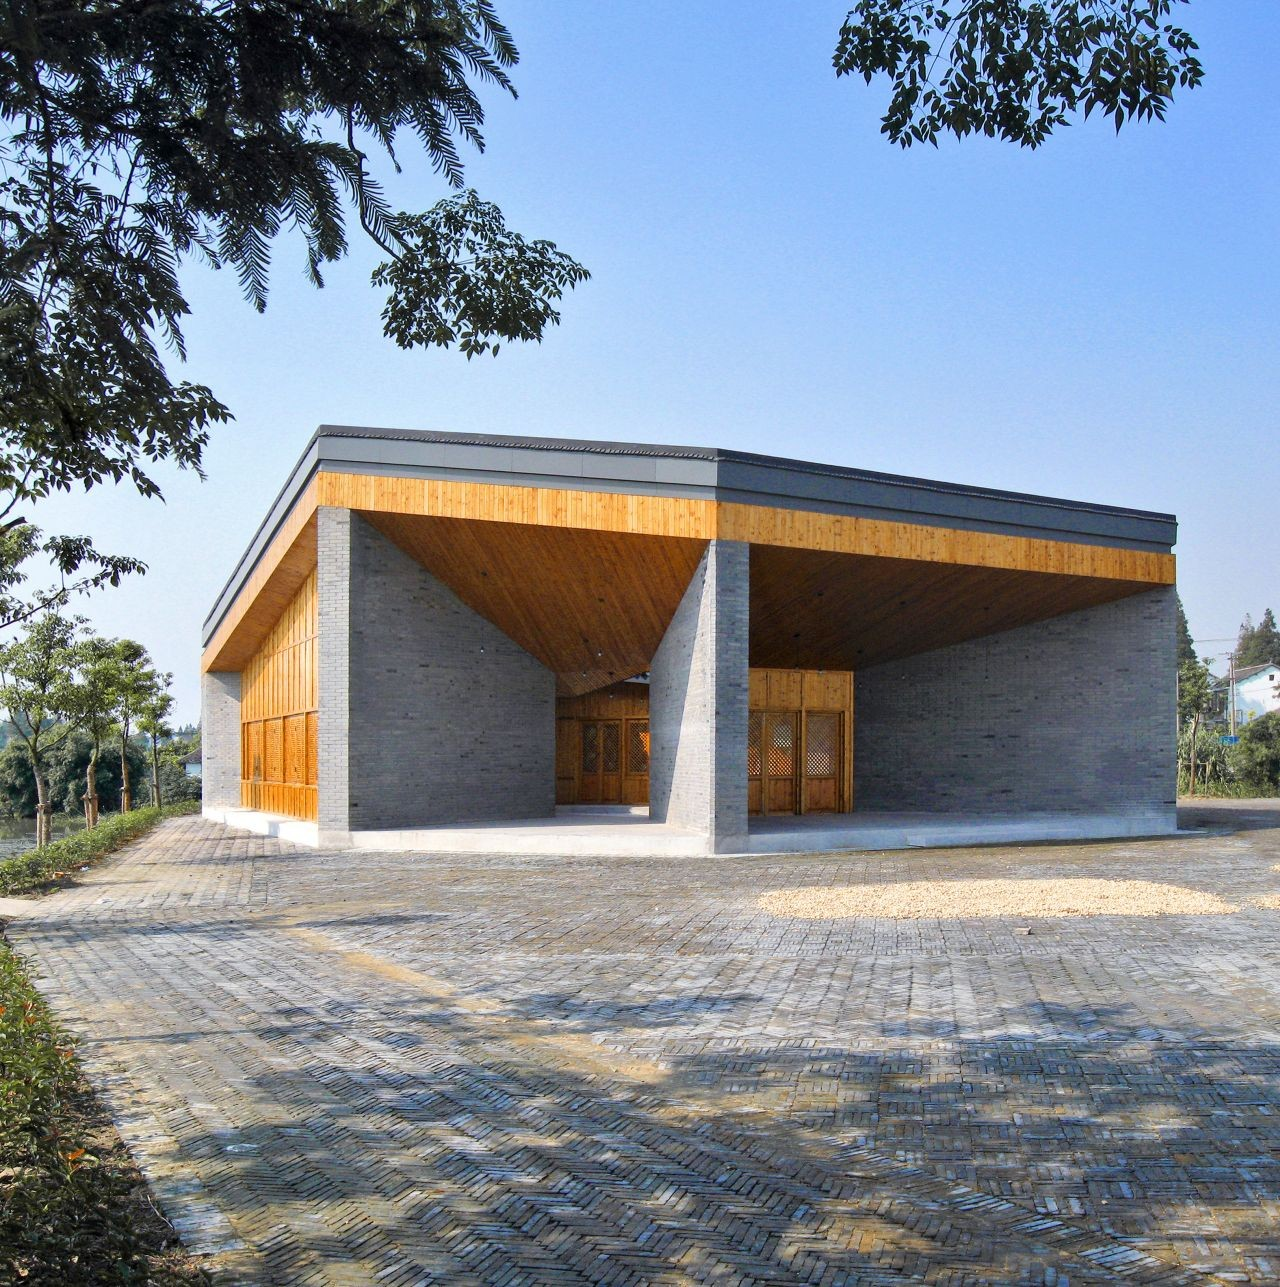 Community Pavilion at Jintao Village / Scenic Architecture, Courtesy of Scenic Architecture